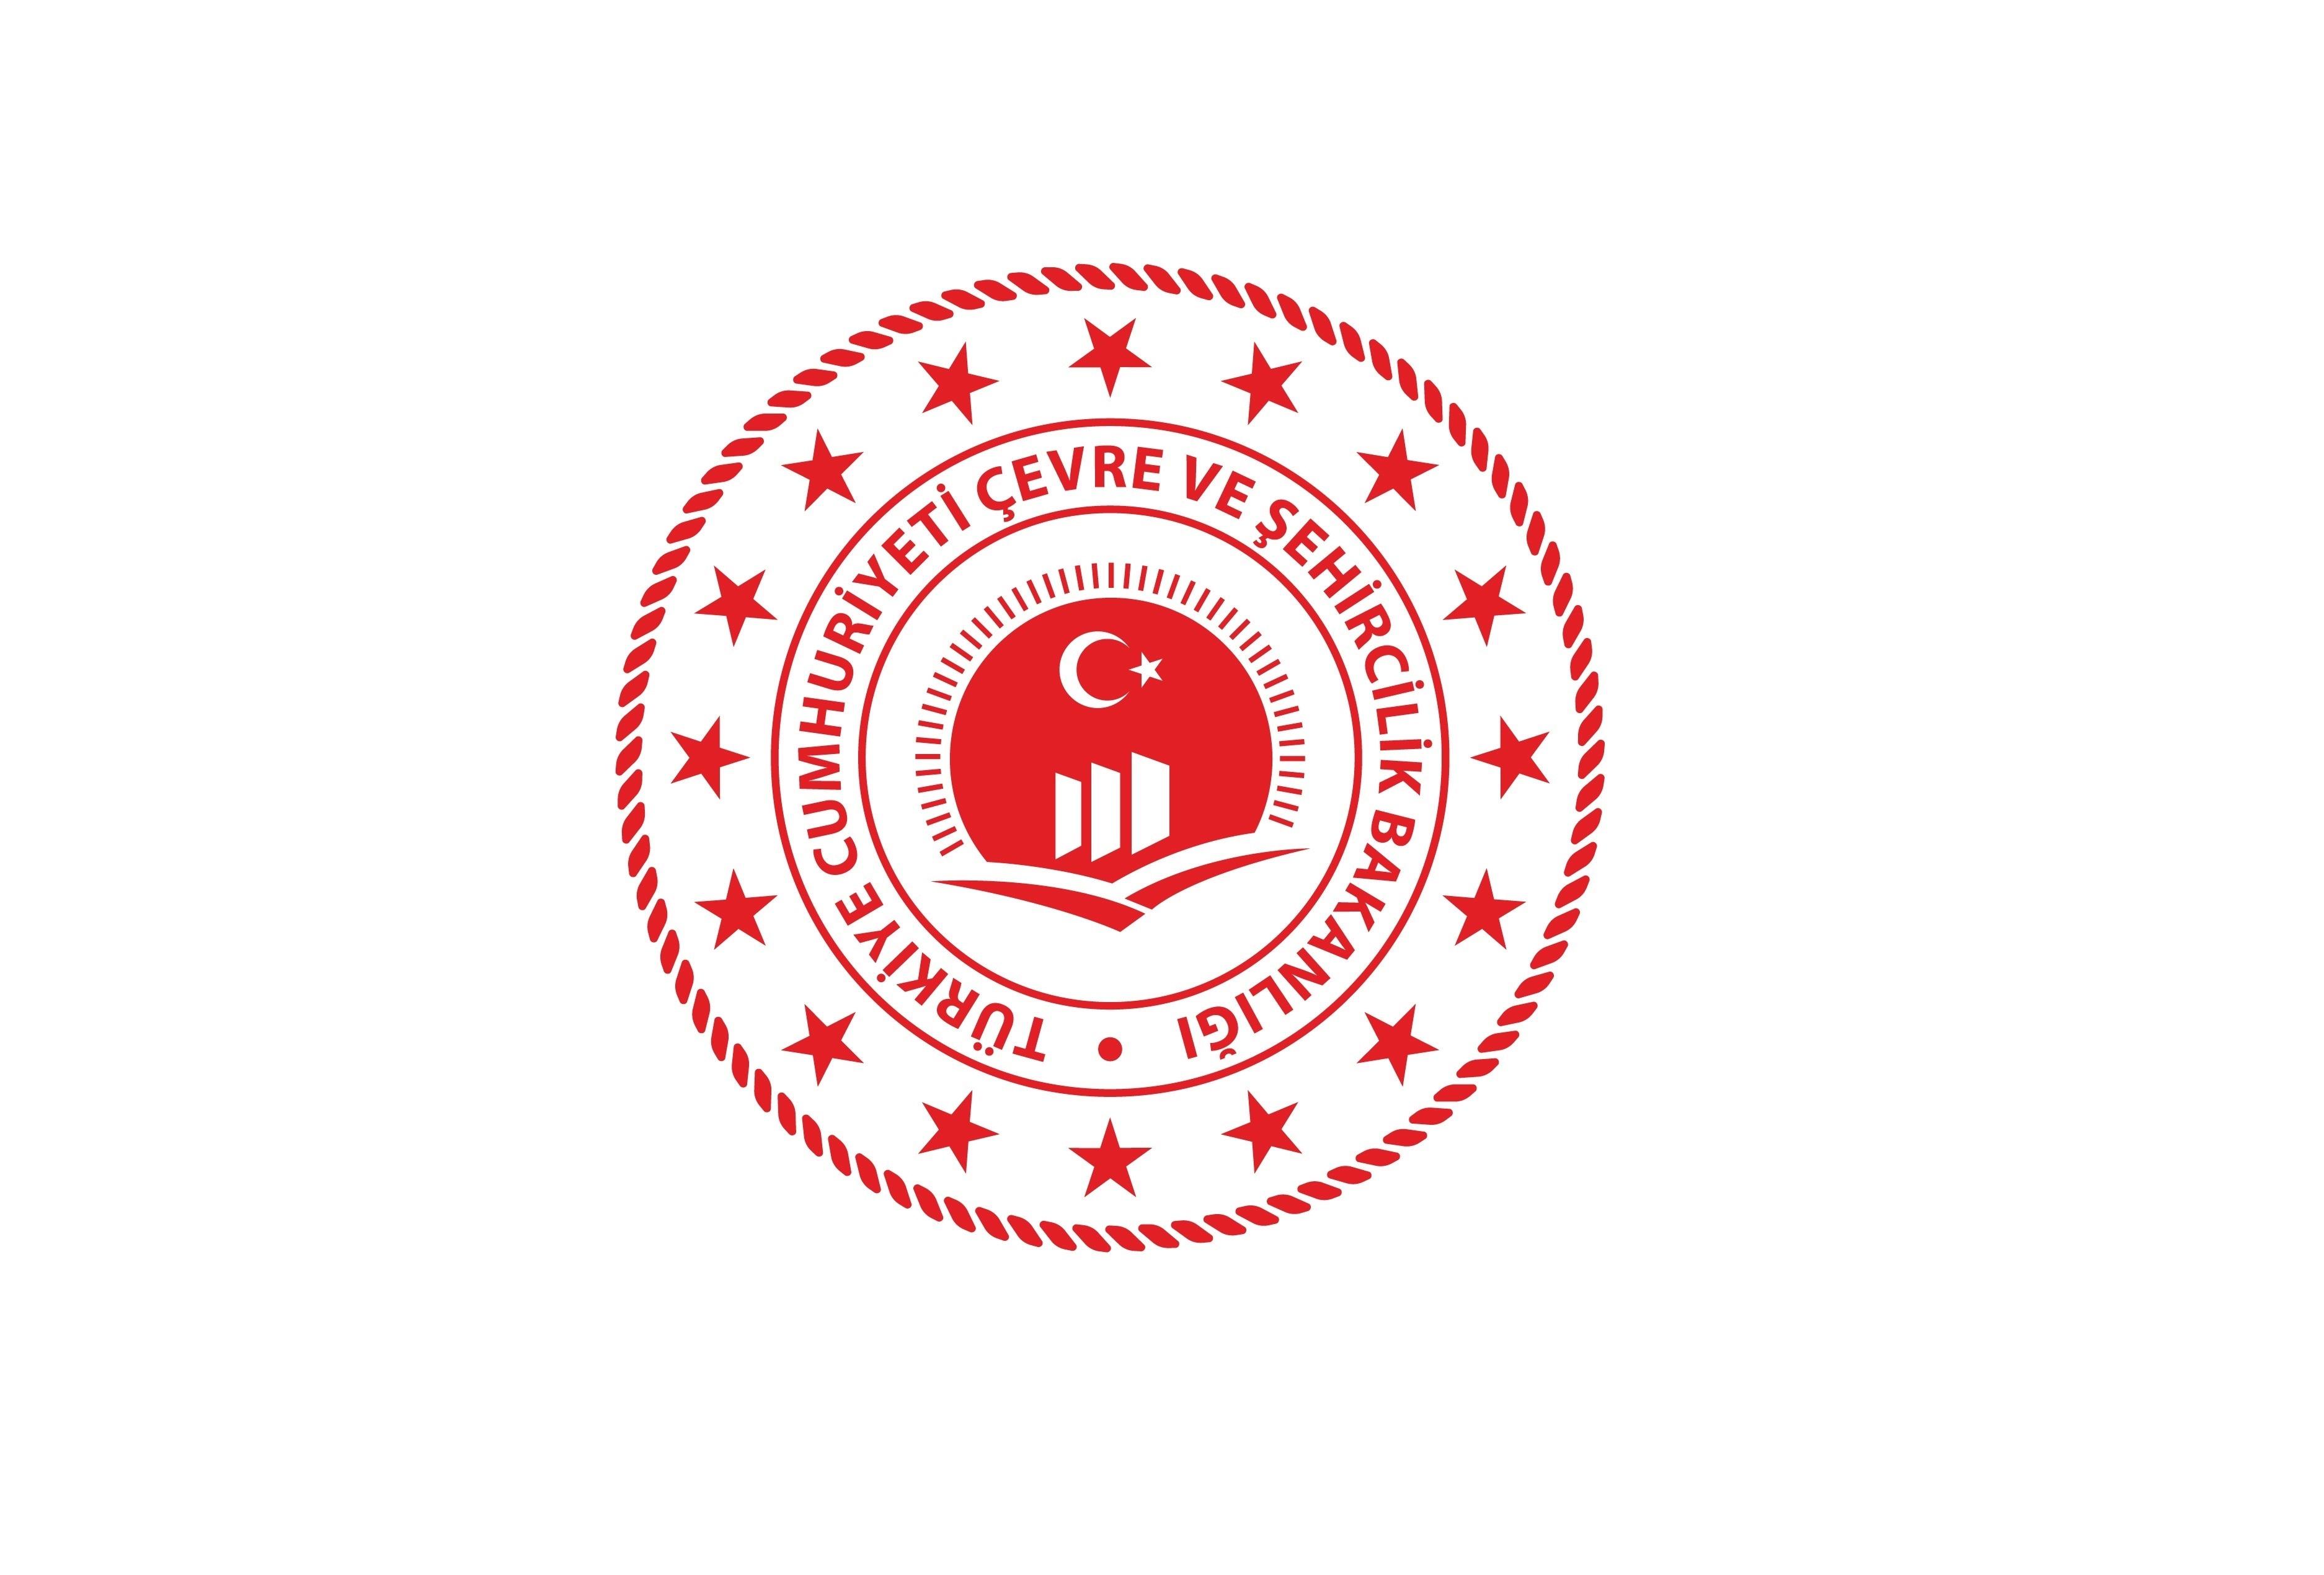 30.06.2020 Tarihinde Gerçekleştirilen Çevre ve Şehircilik Uzmanlığı Yeterlik Sınav Sonuçları Açıklanmıştır